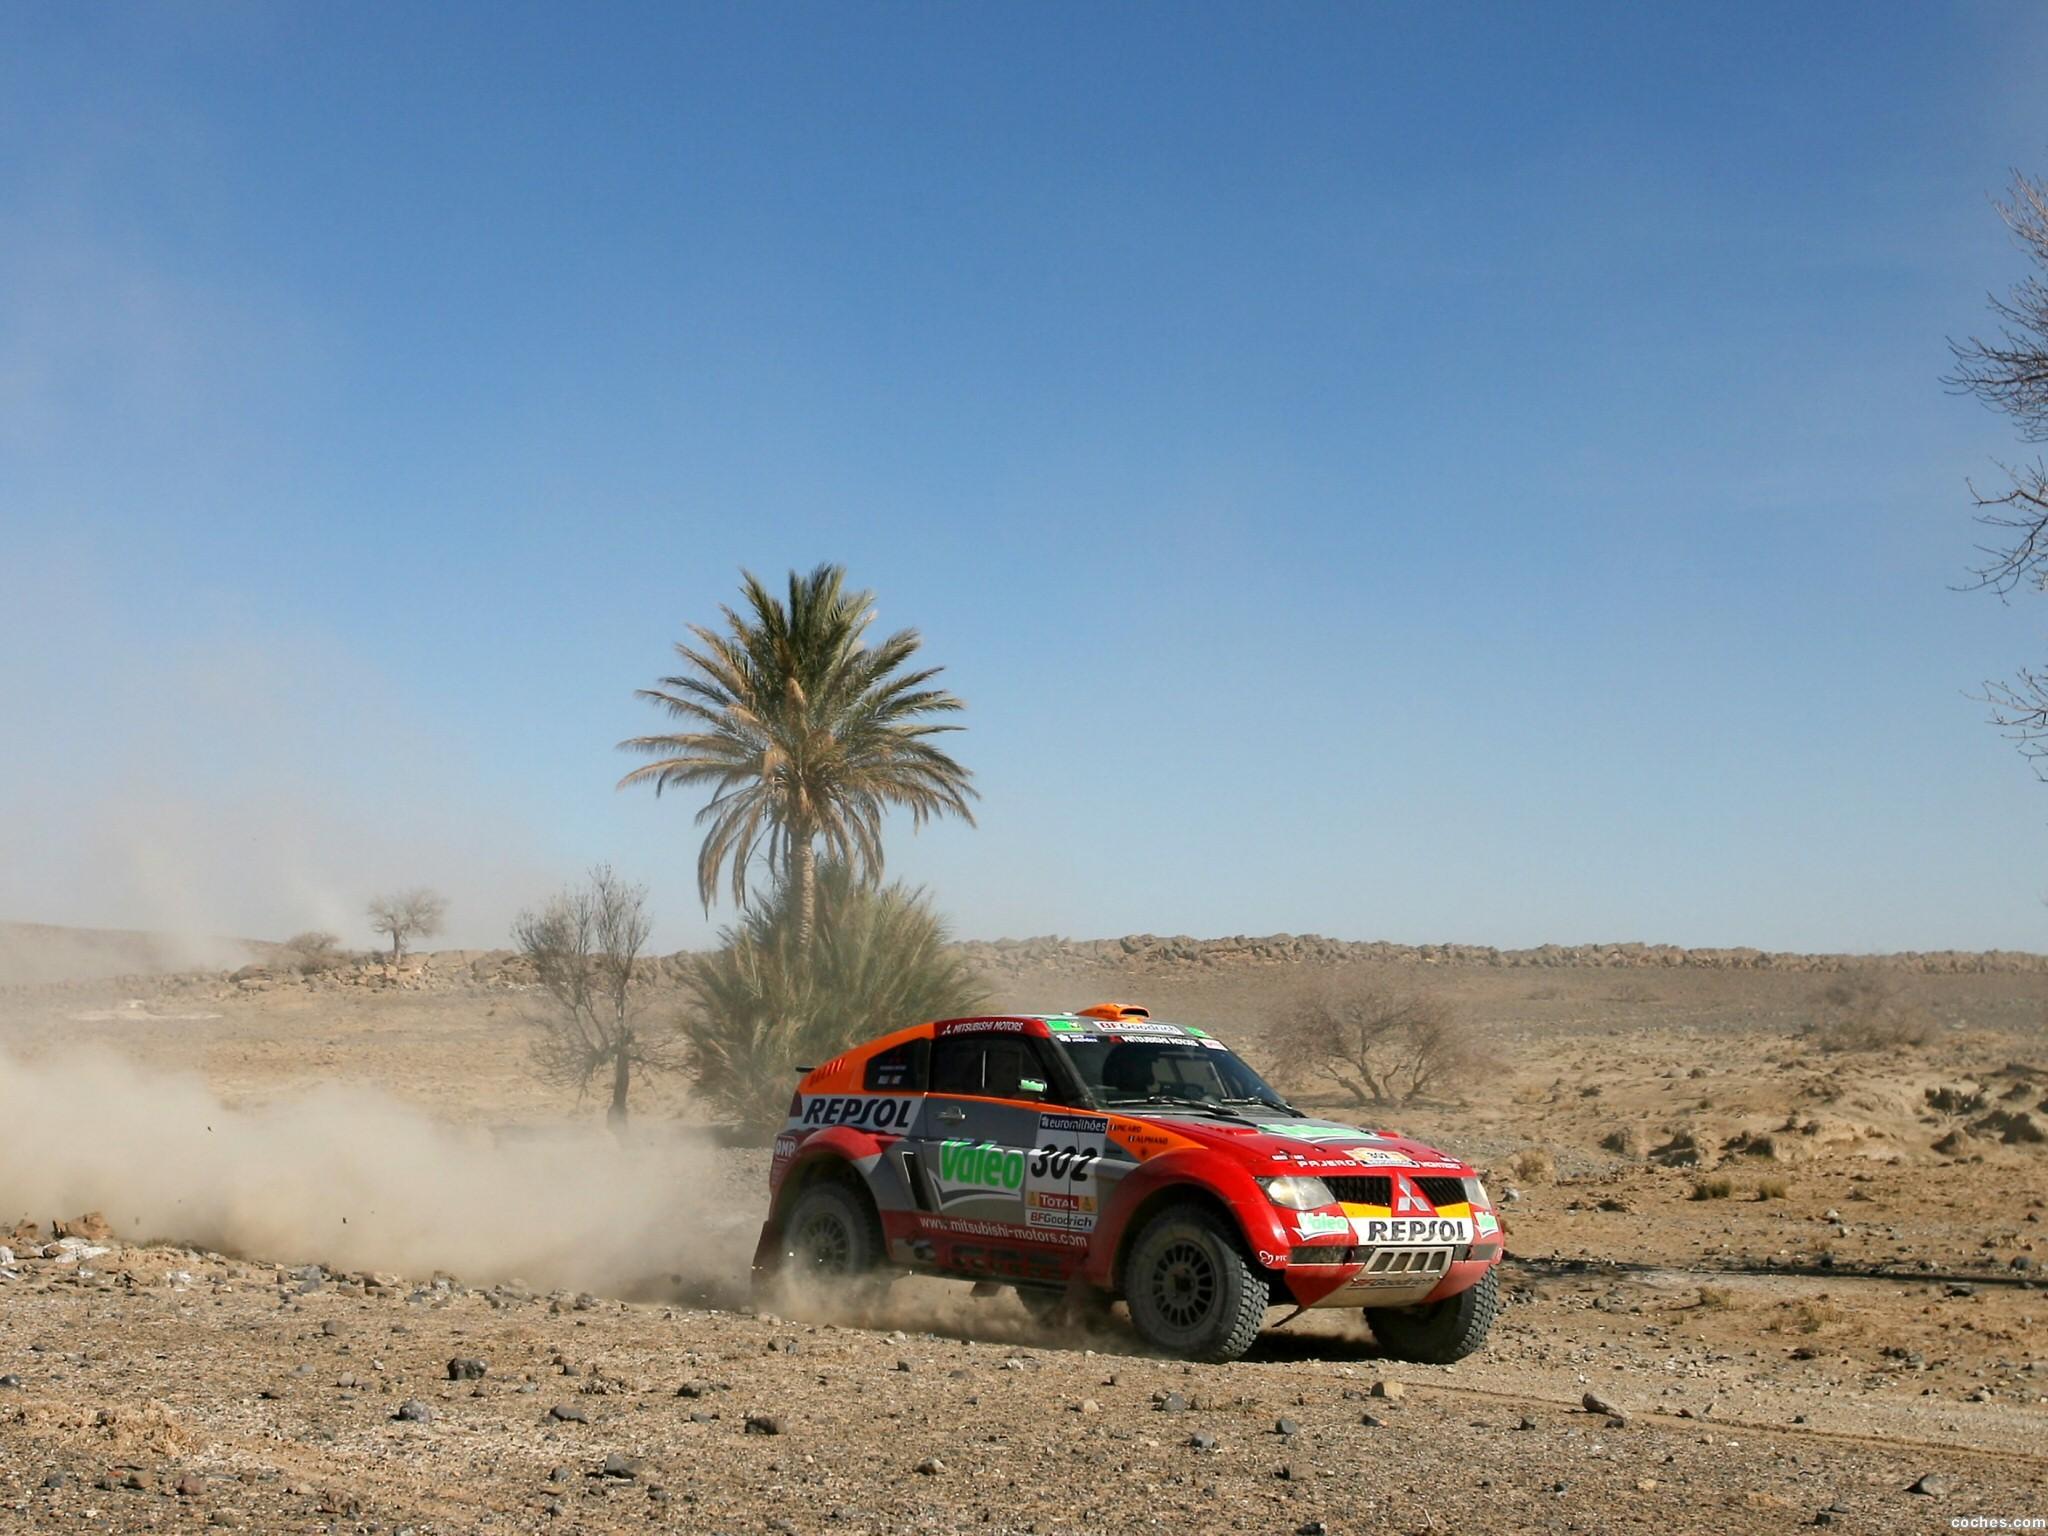 Foto 13 de Mitsubishi Pajero Dakar 2006